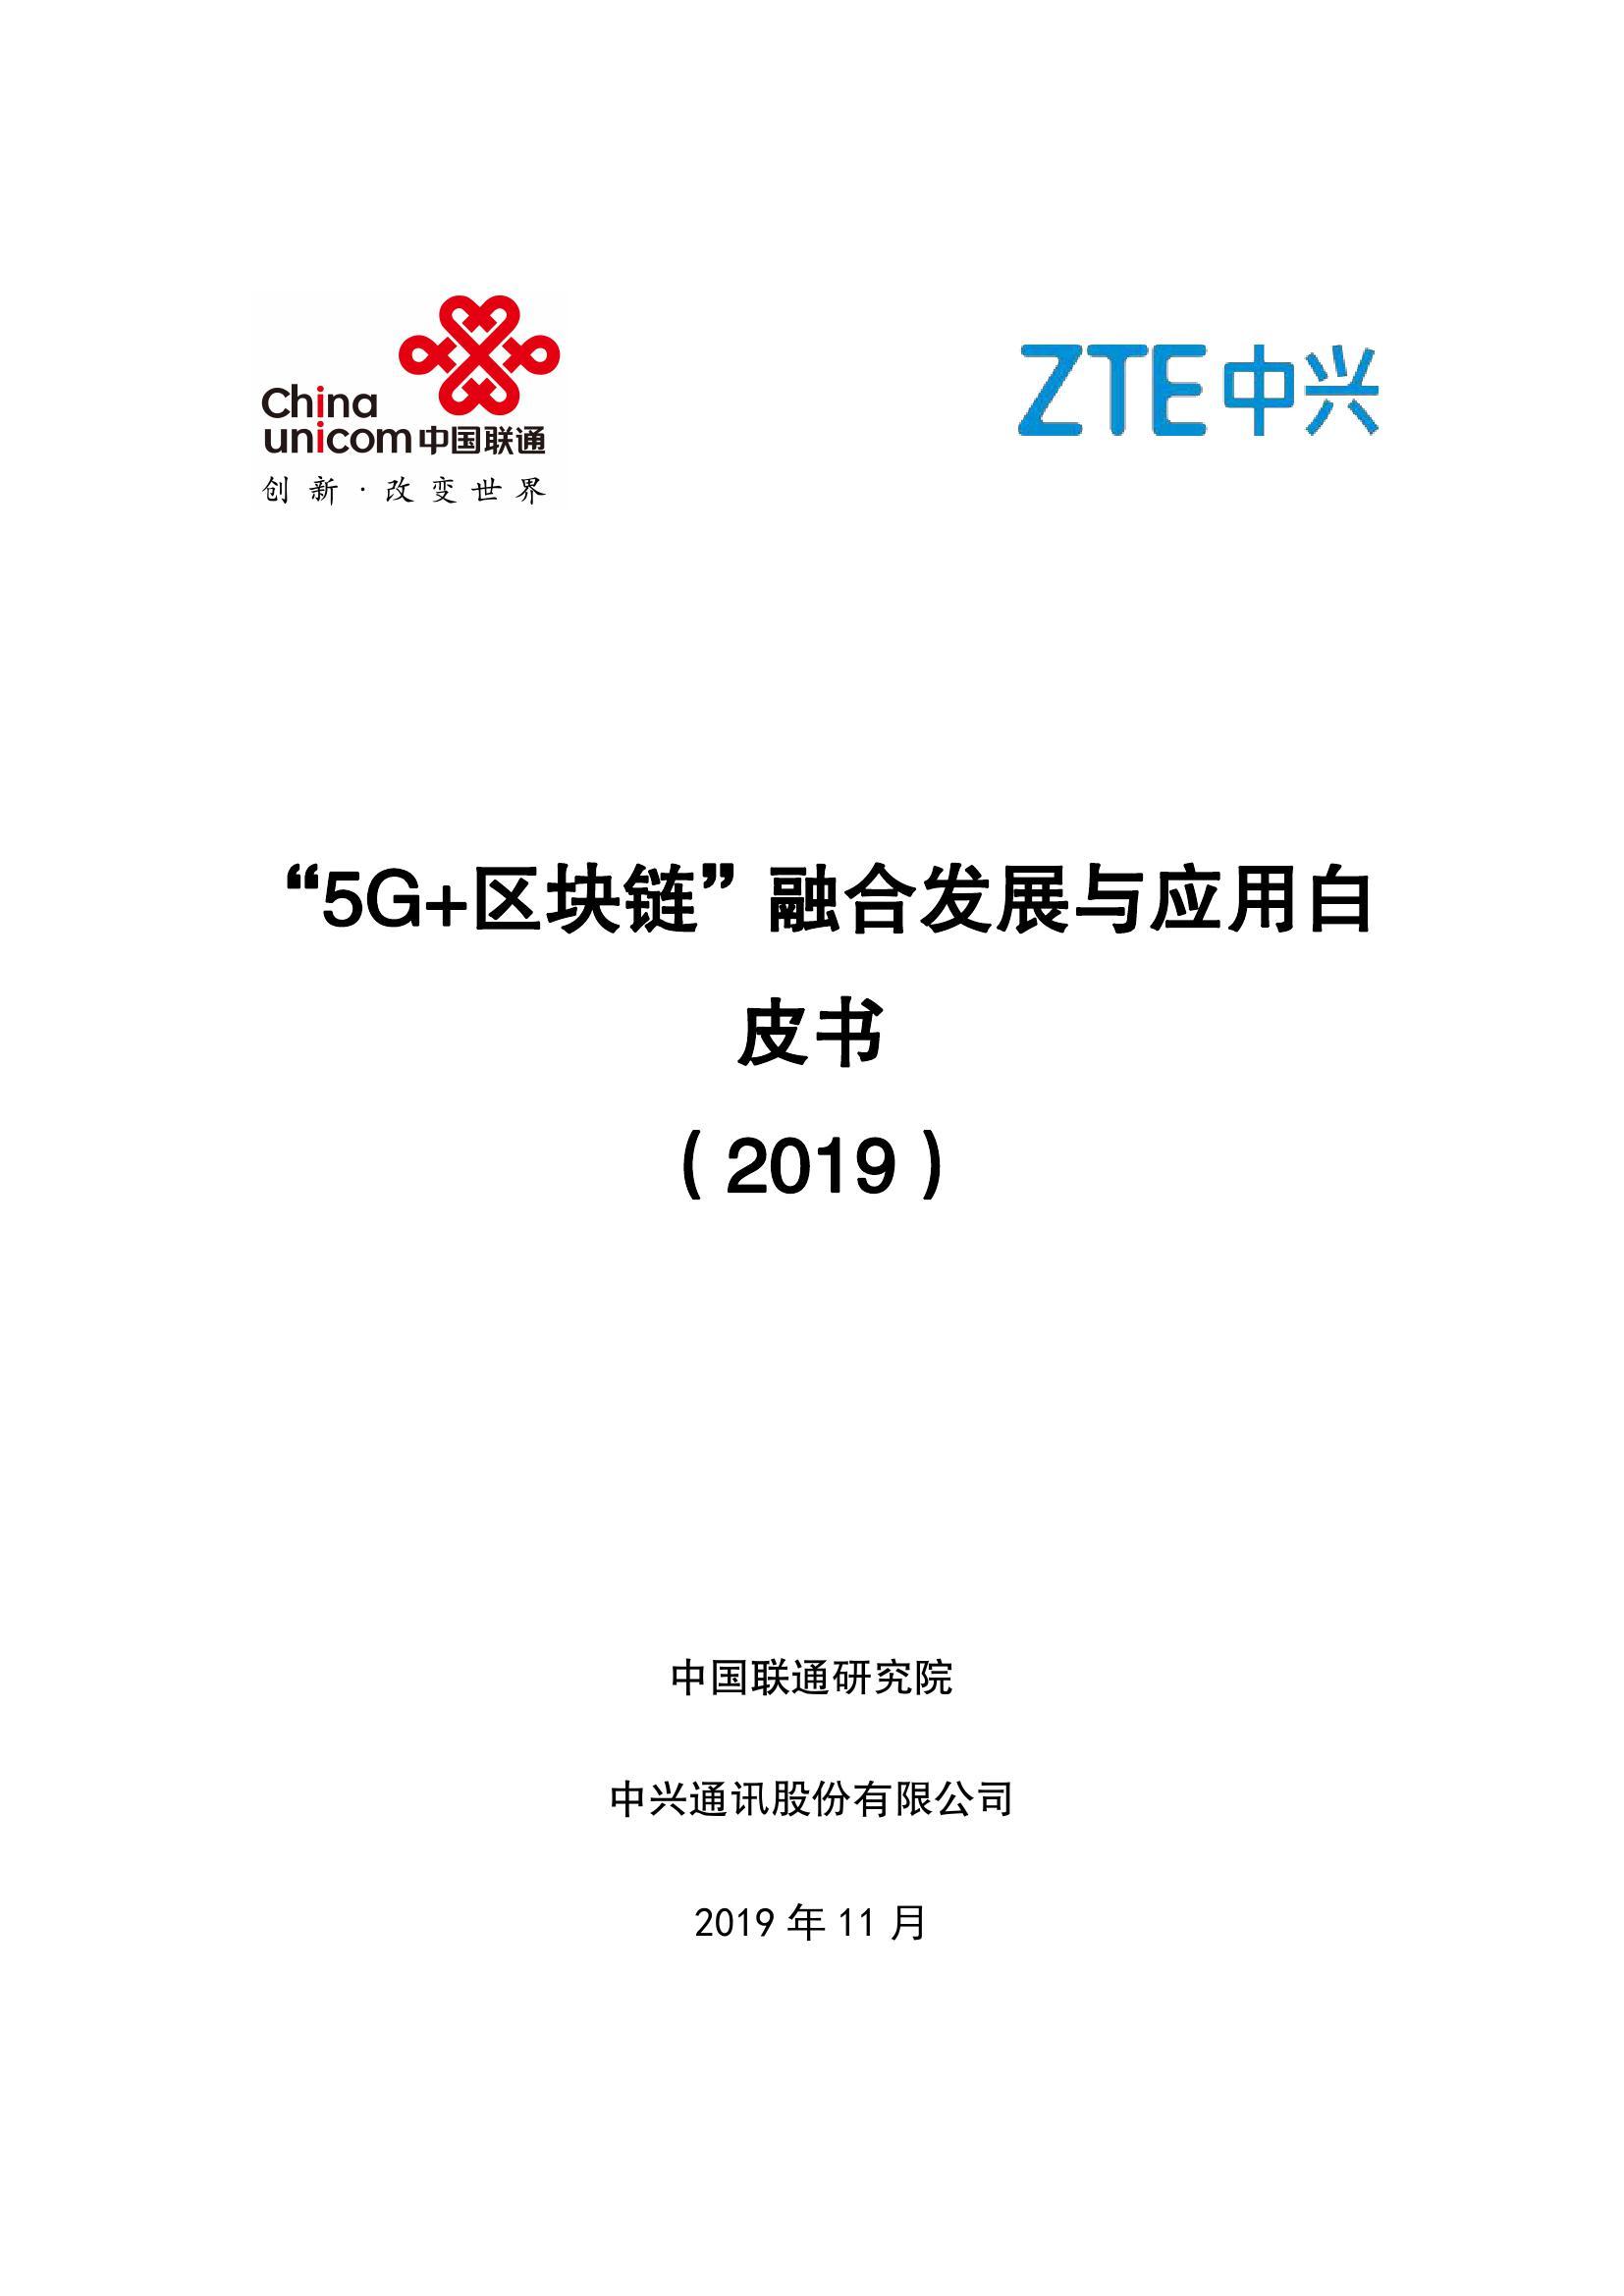 中国联通&中兴:2019年5G+区块链融合发展与应用白皮书(附下载)